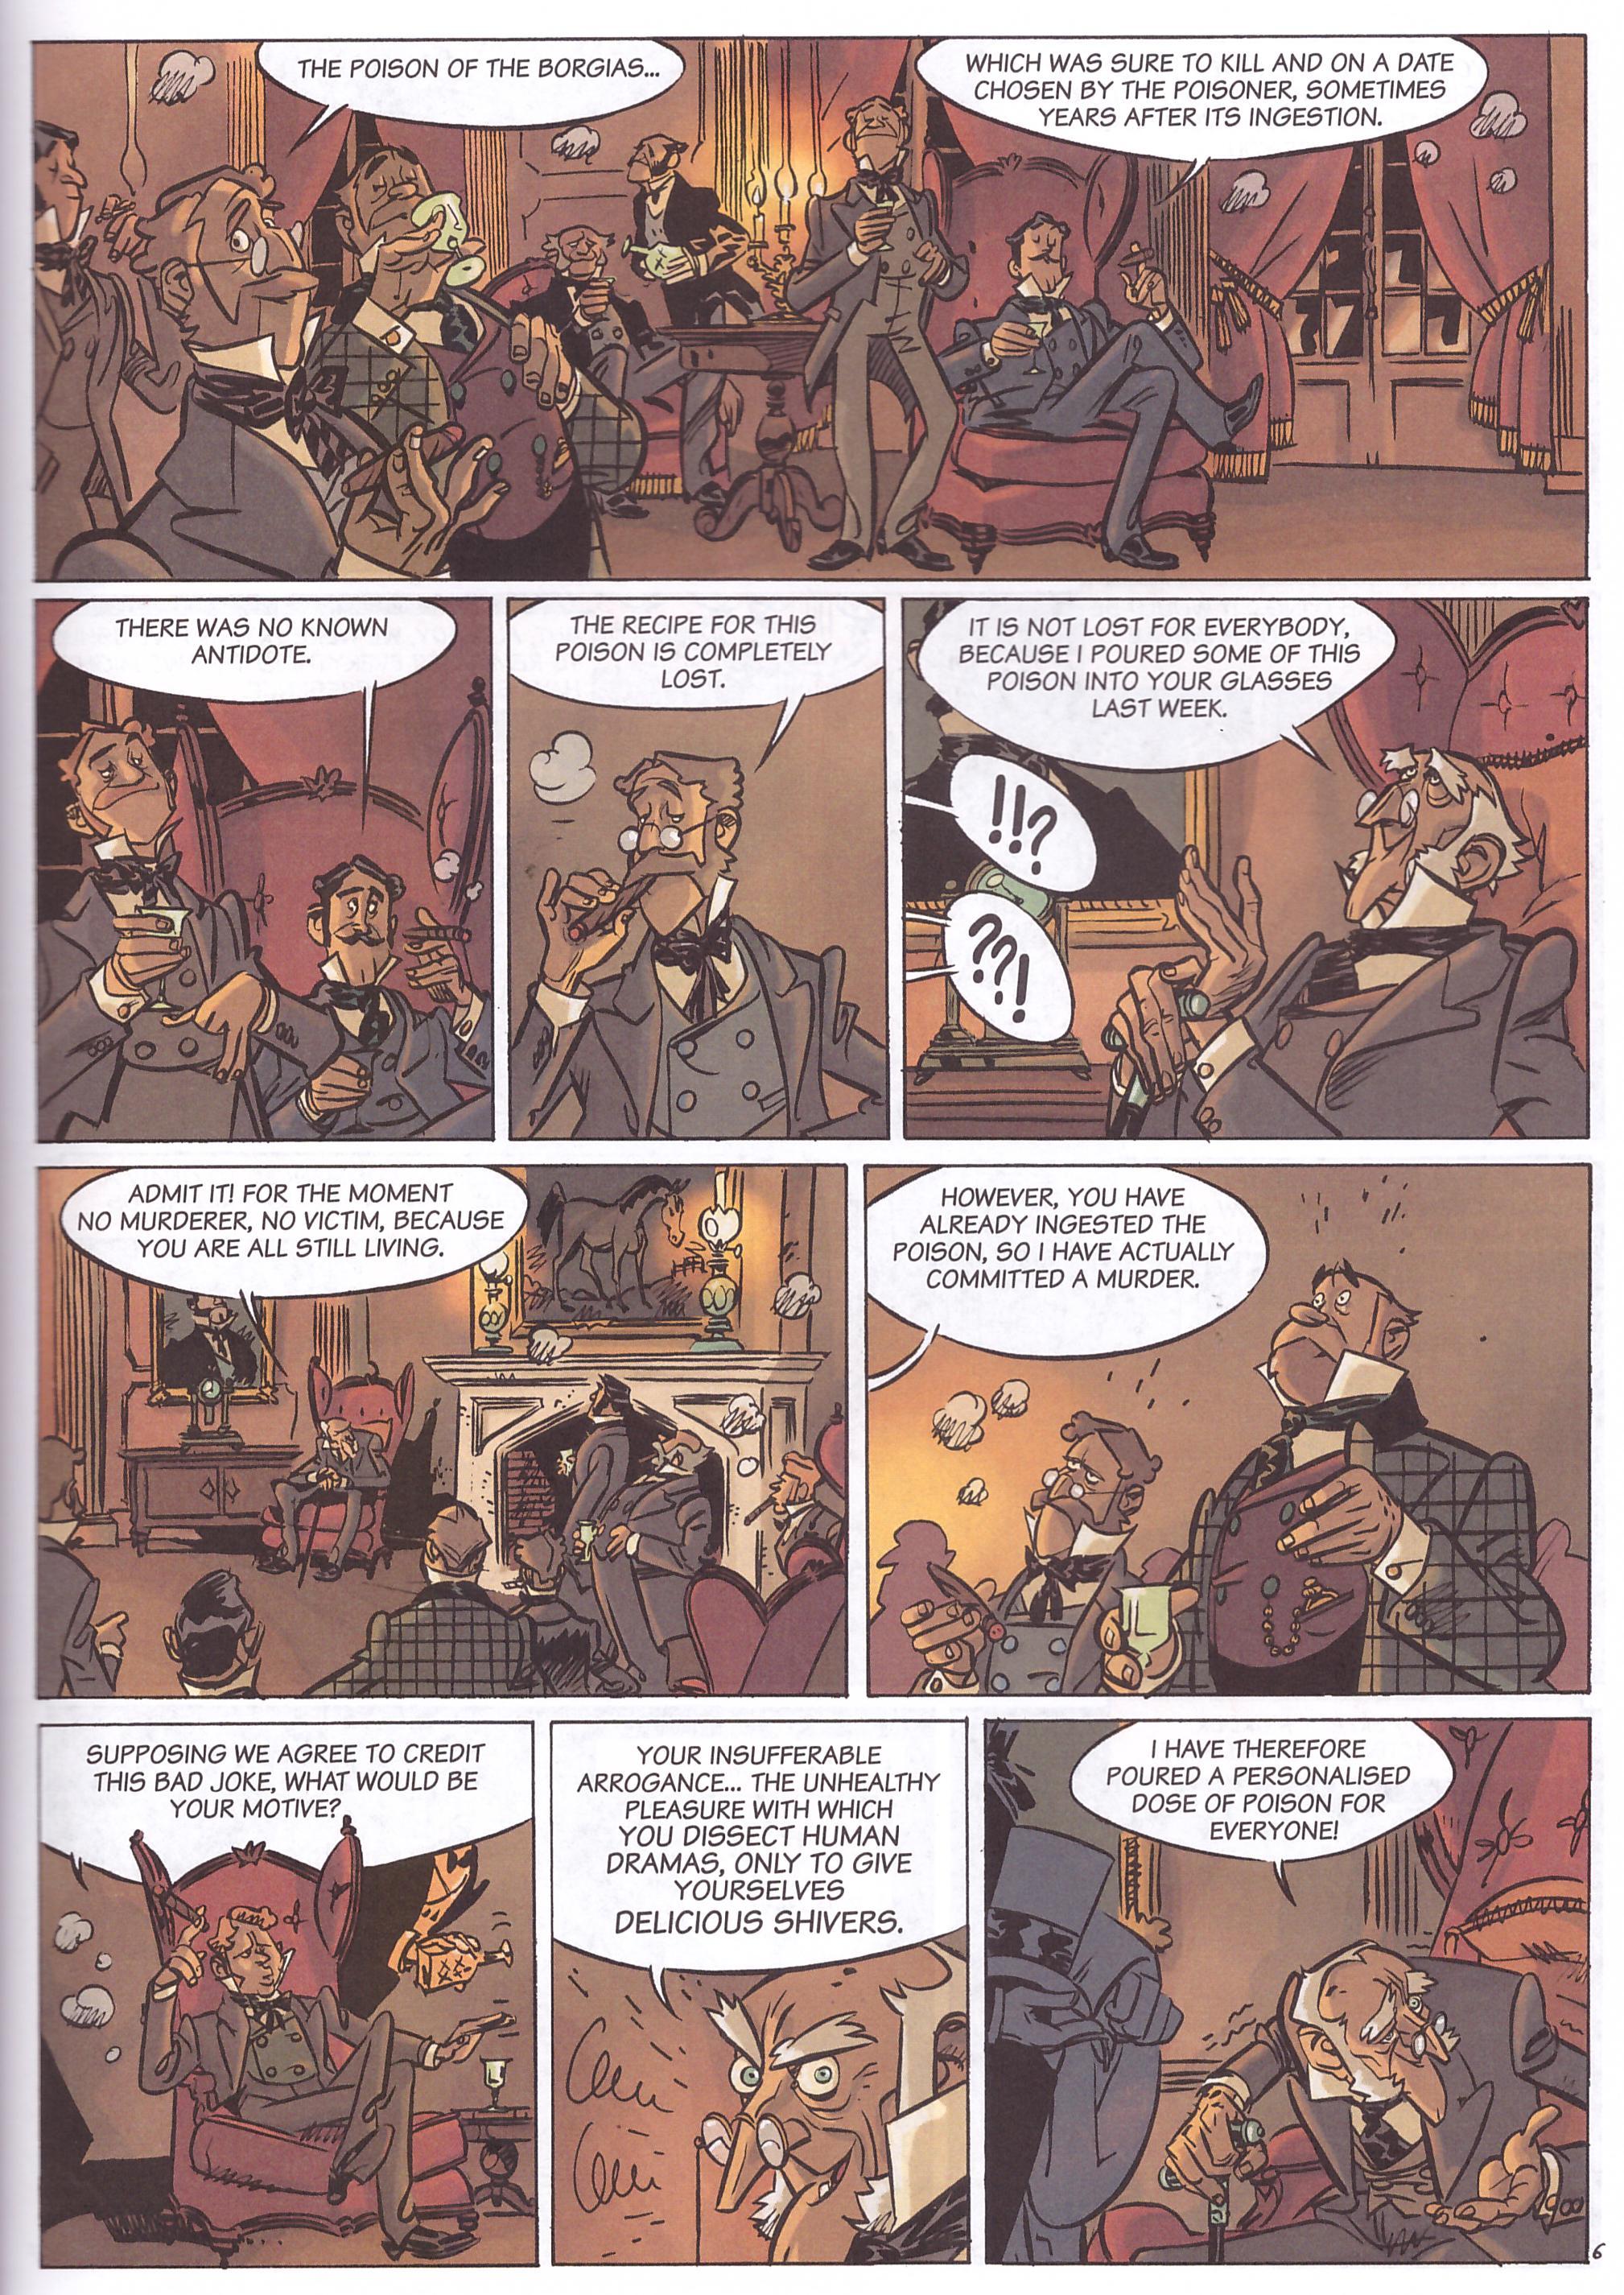 Green Manor Assassins and Gentlemen review